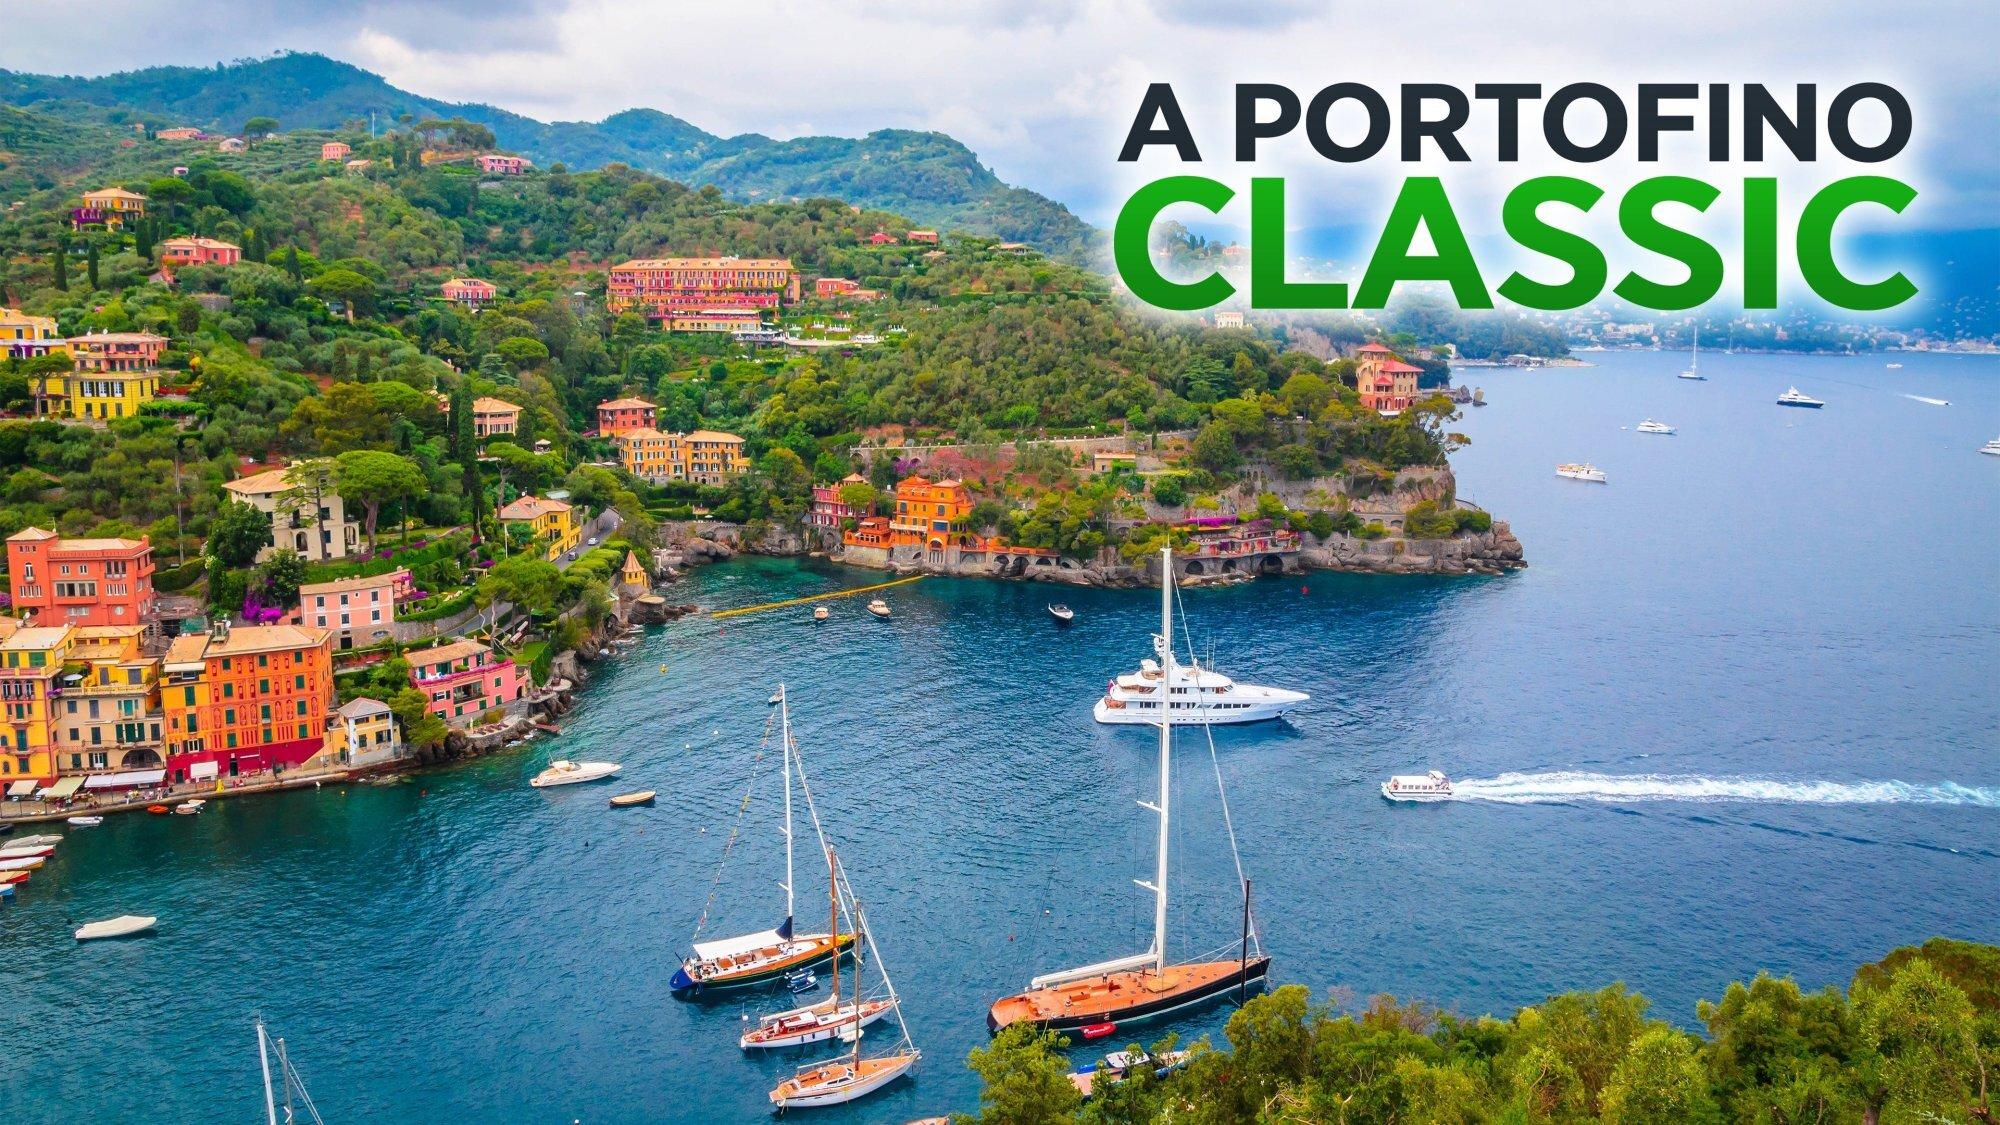 A Portofino Classic